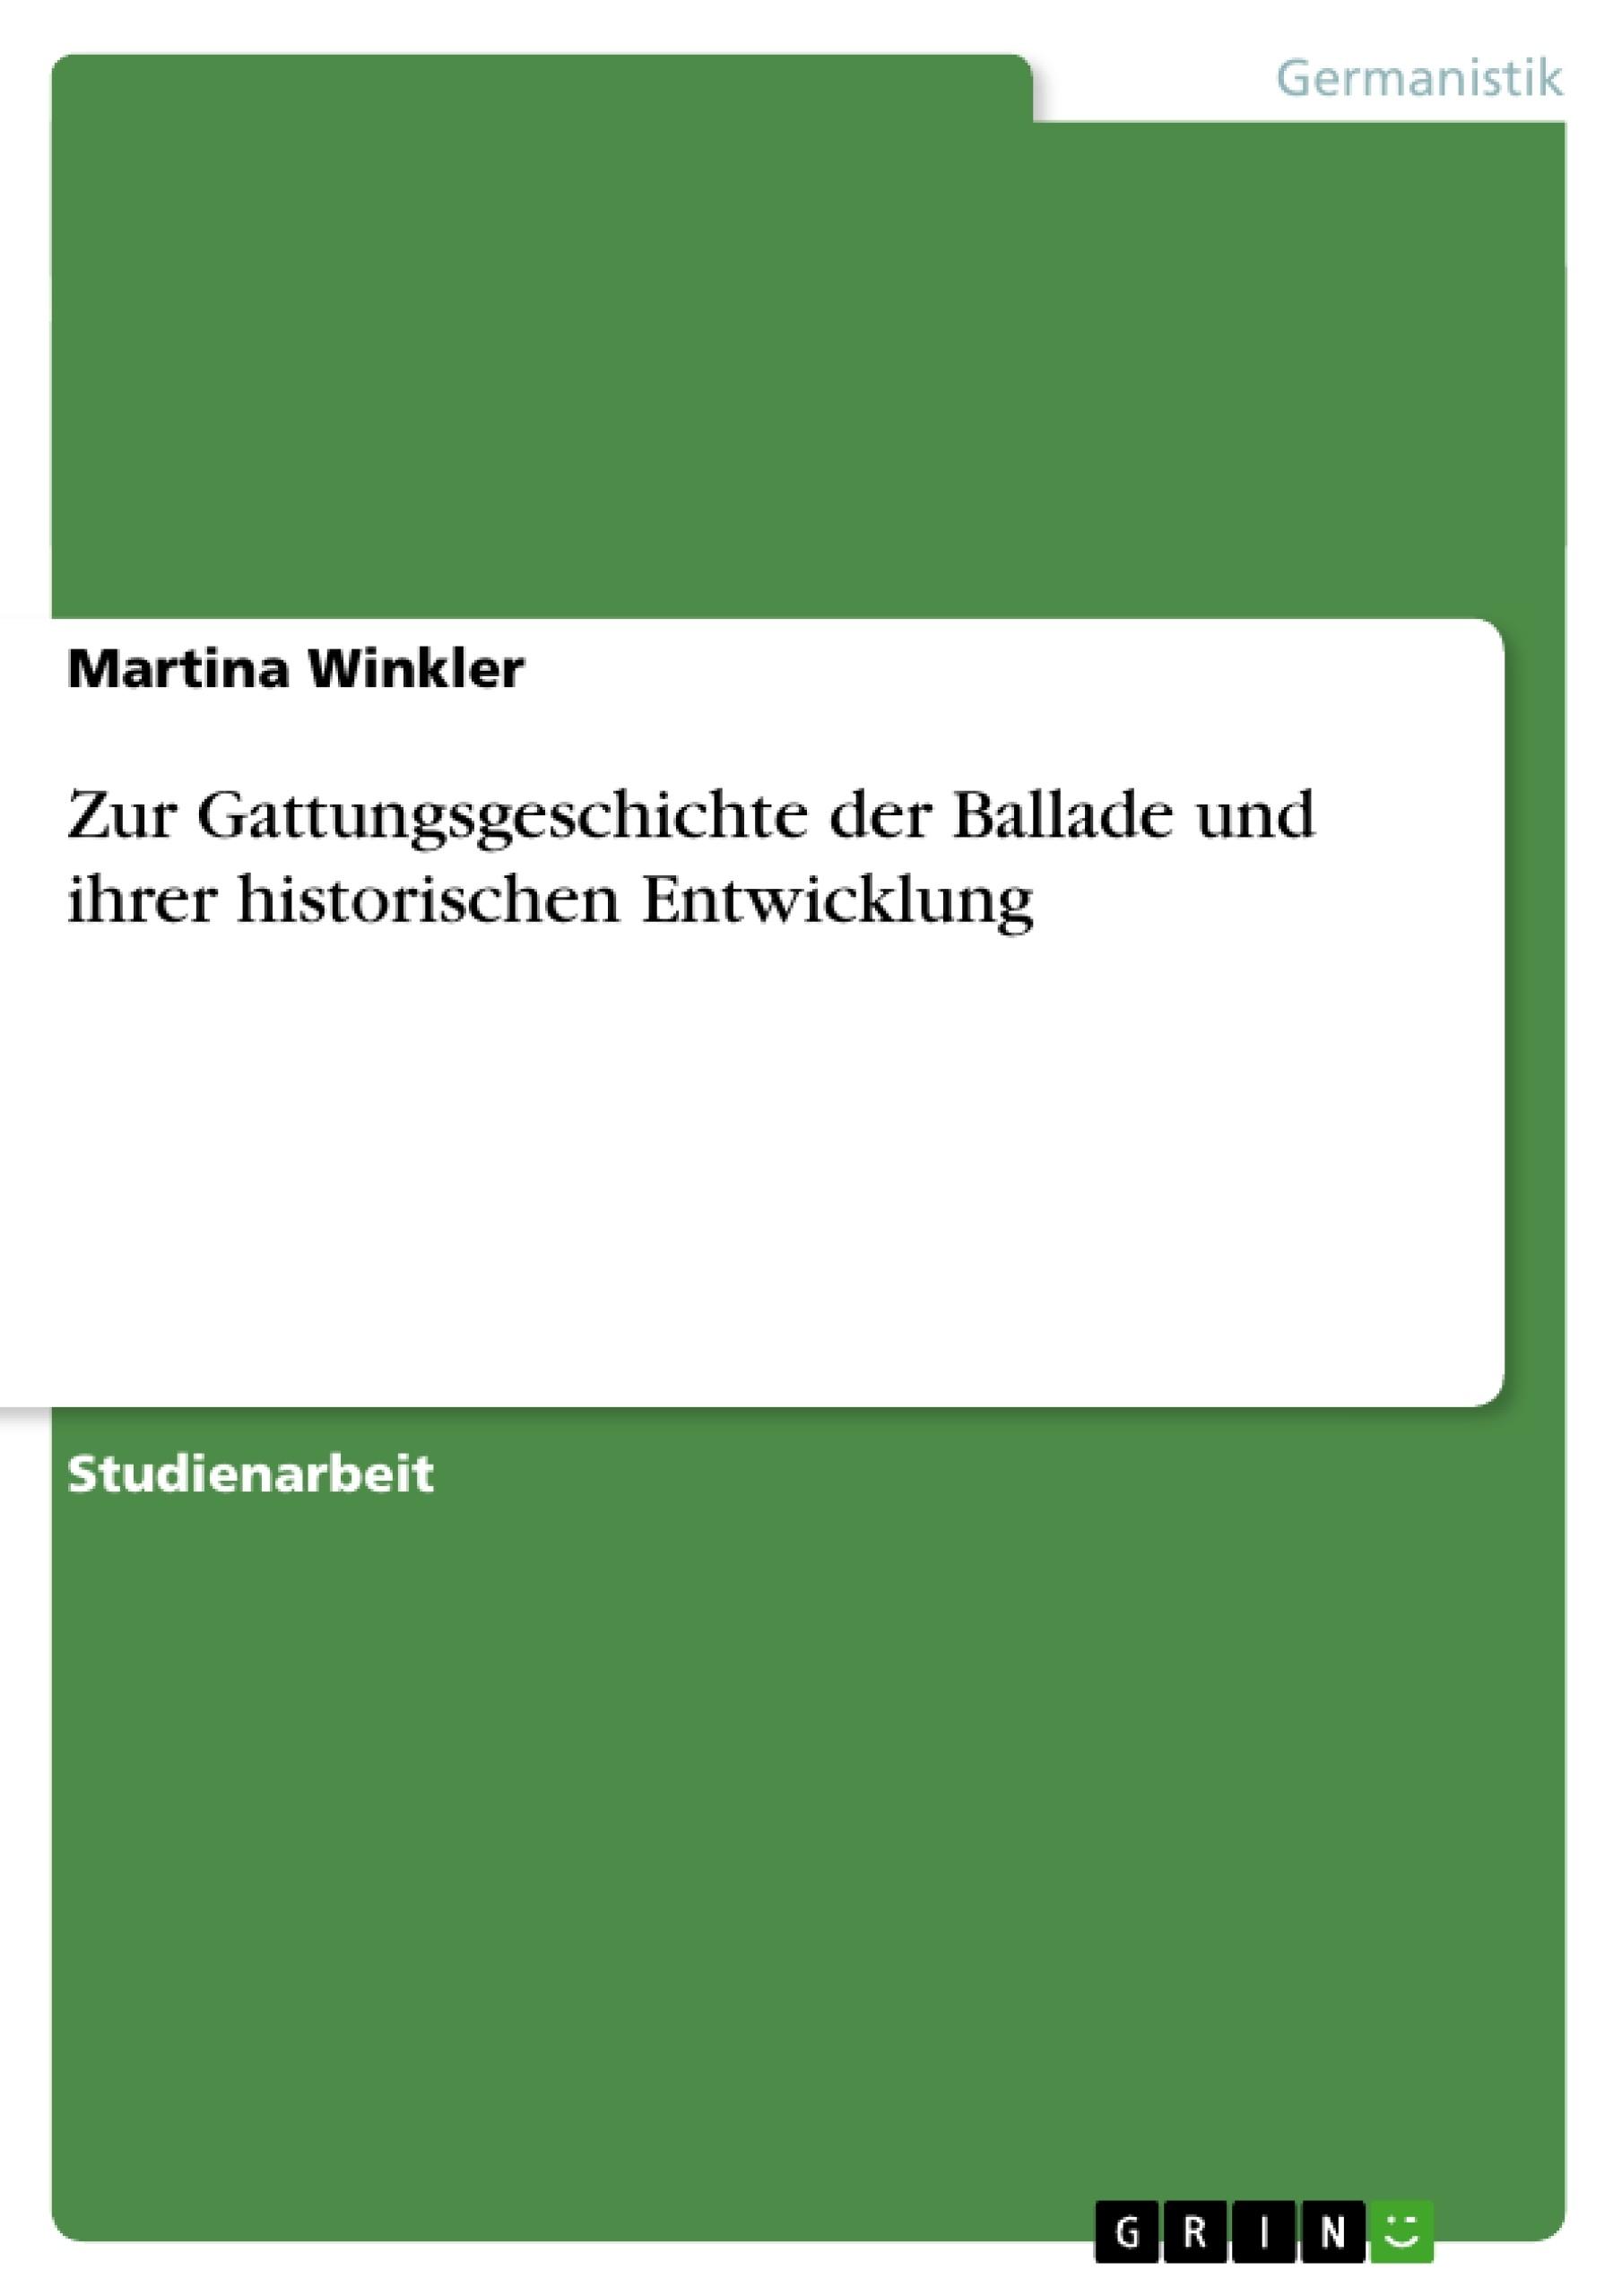 Titel: Zur Gattungsgeschichte der Ballade und ihrer historischen Entwicklung